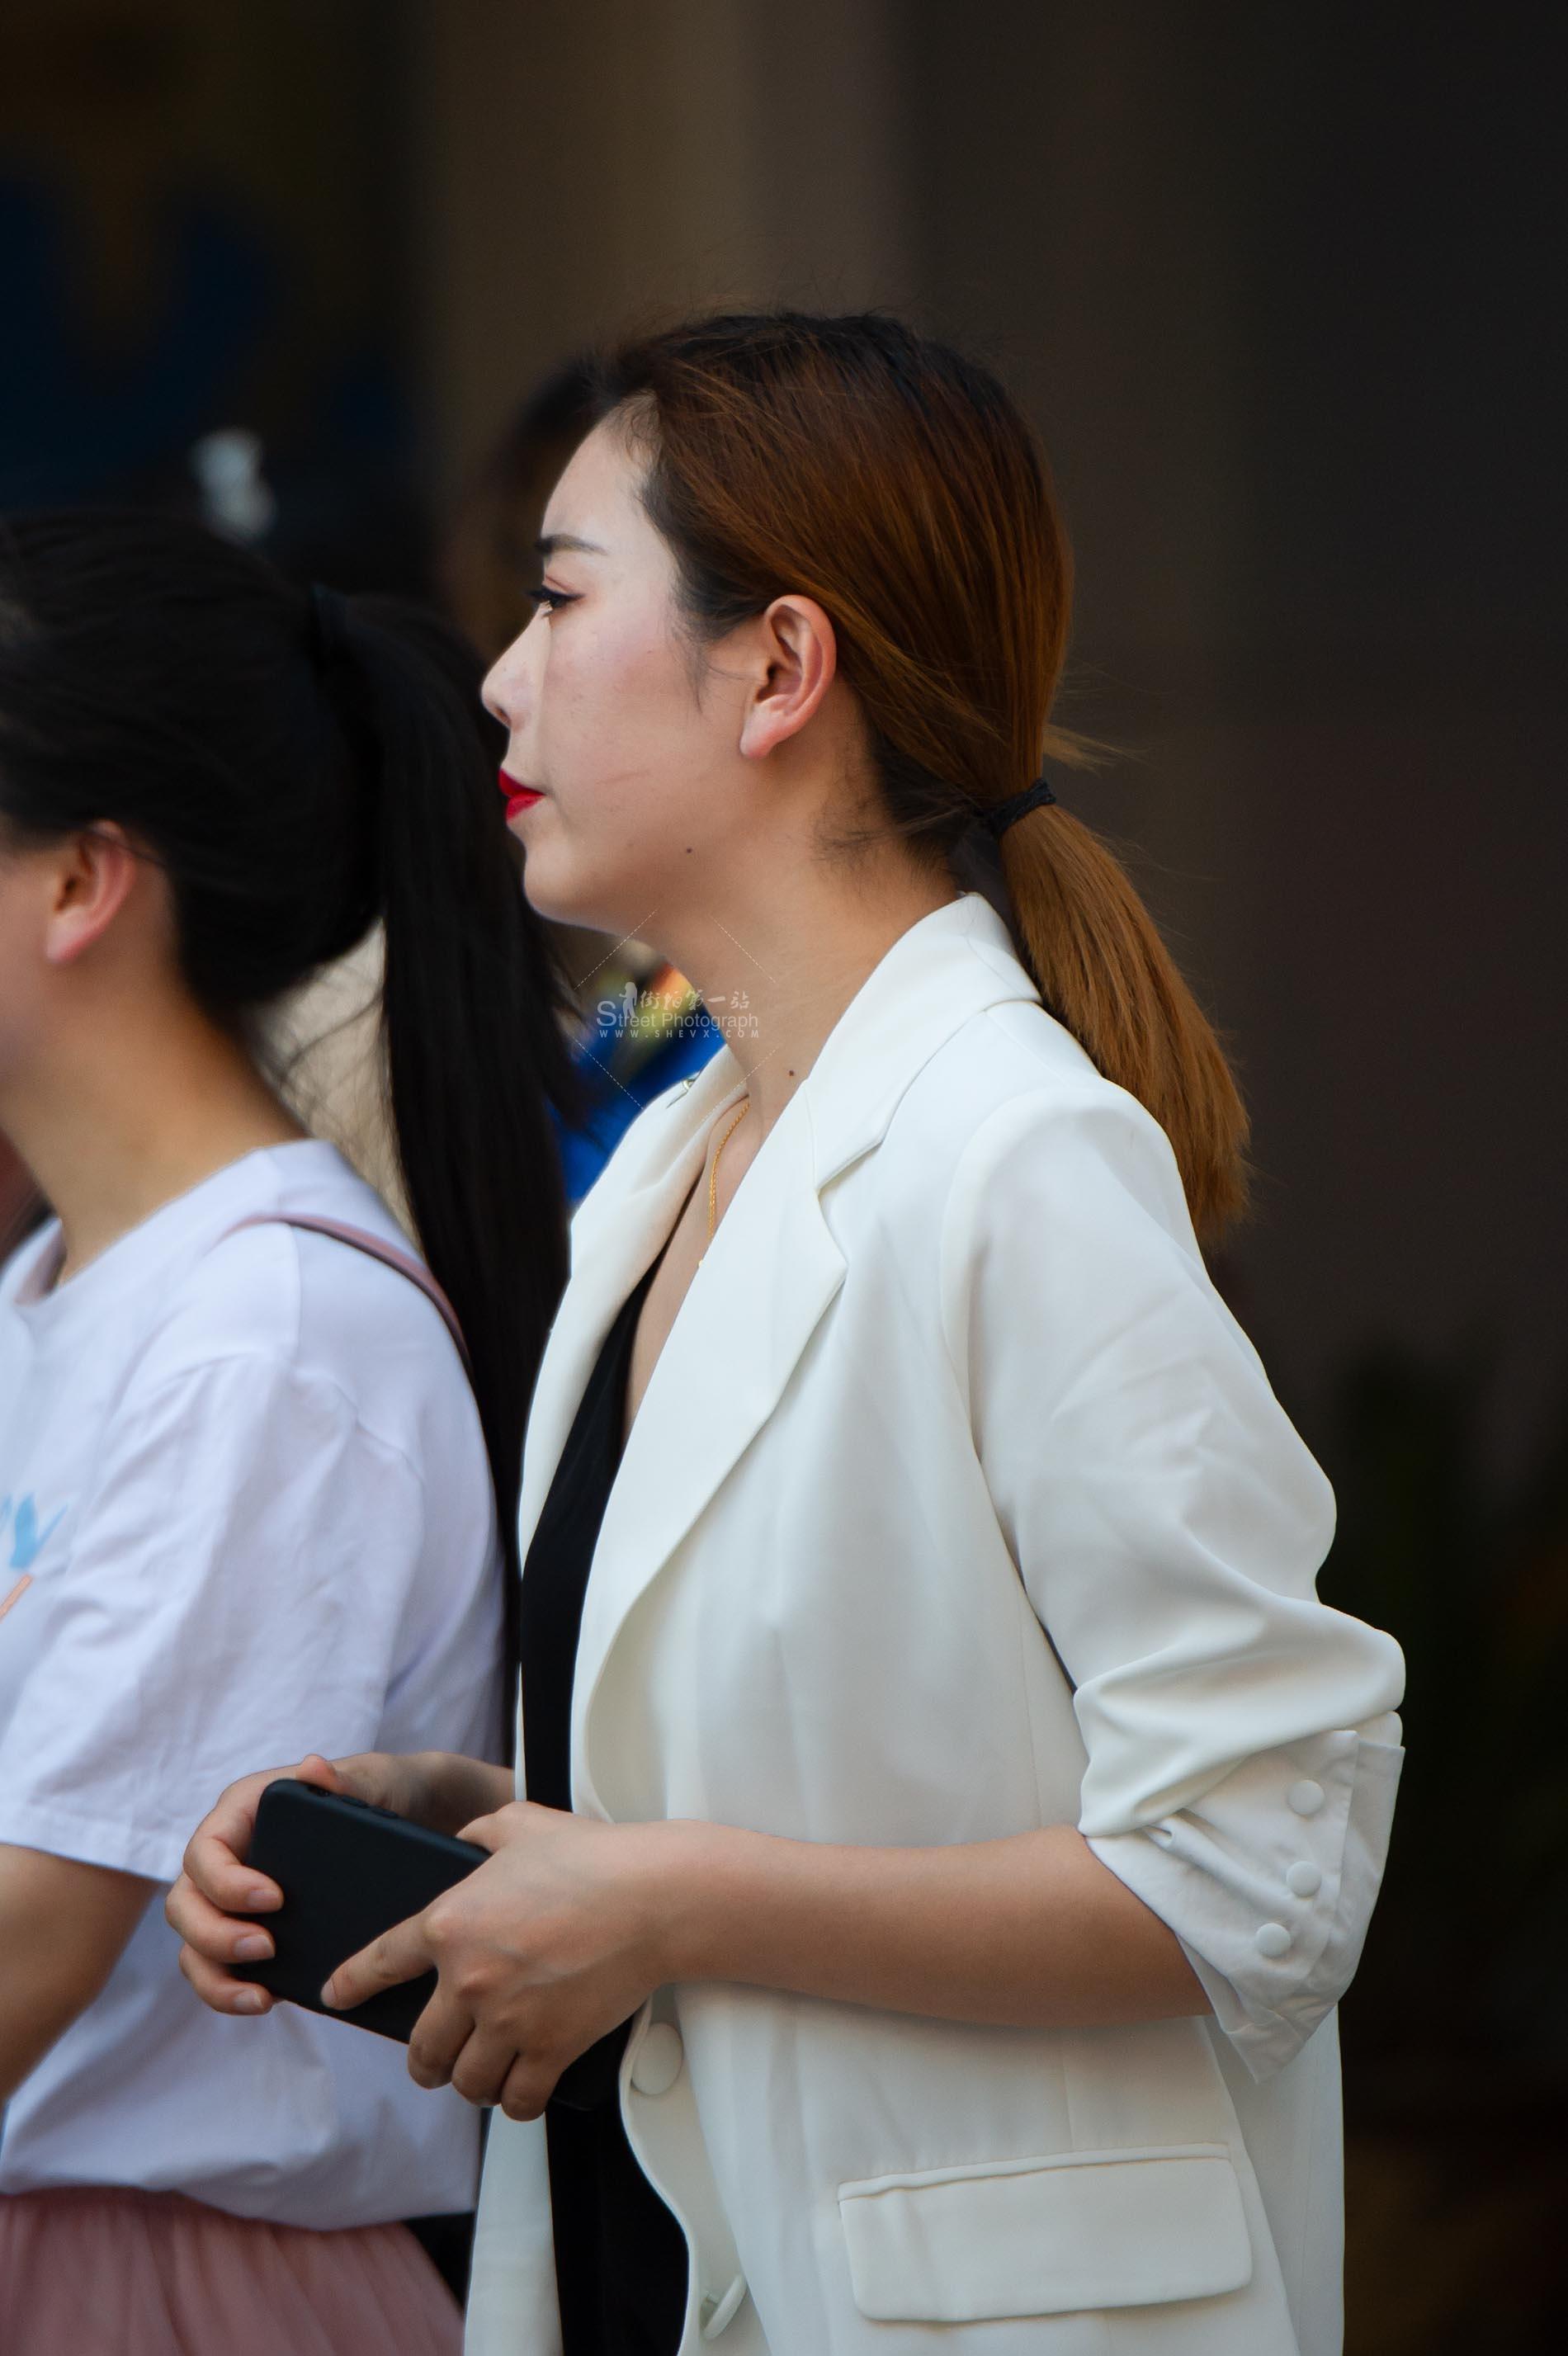 街拍美女 【原创】气质 美女一枚【10P】 最新街拍丝袜图片 街拍丝袜第一站